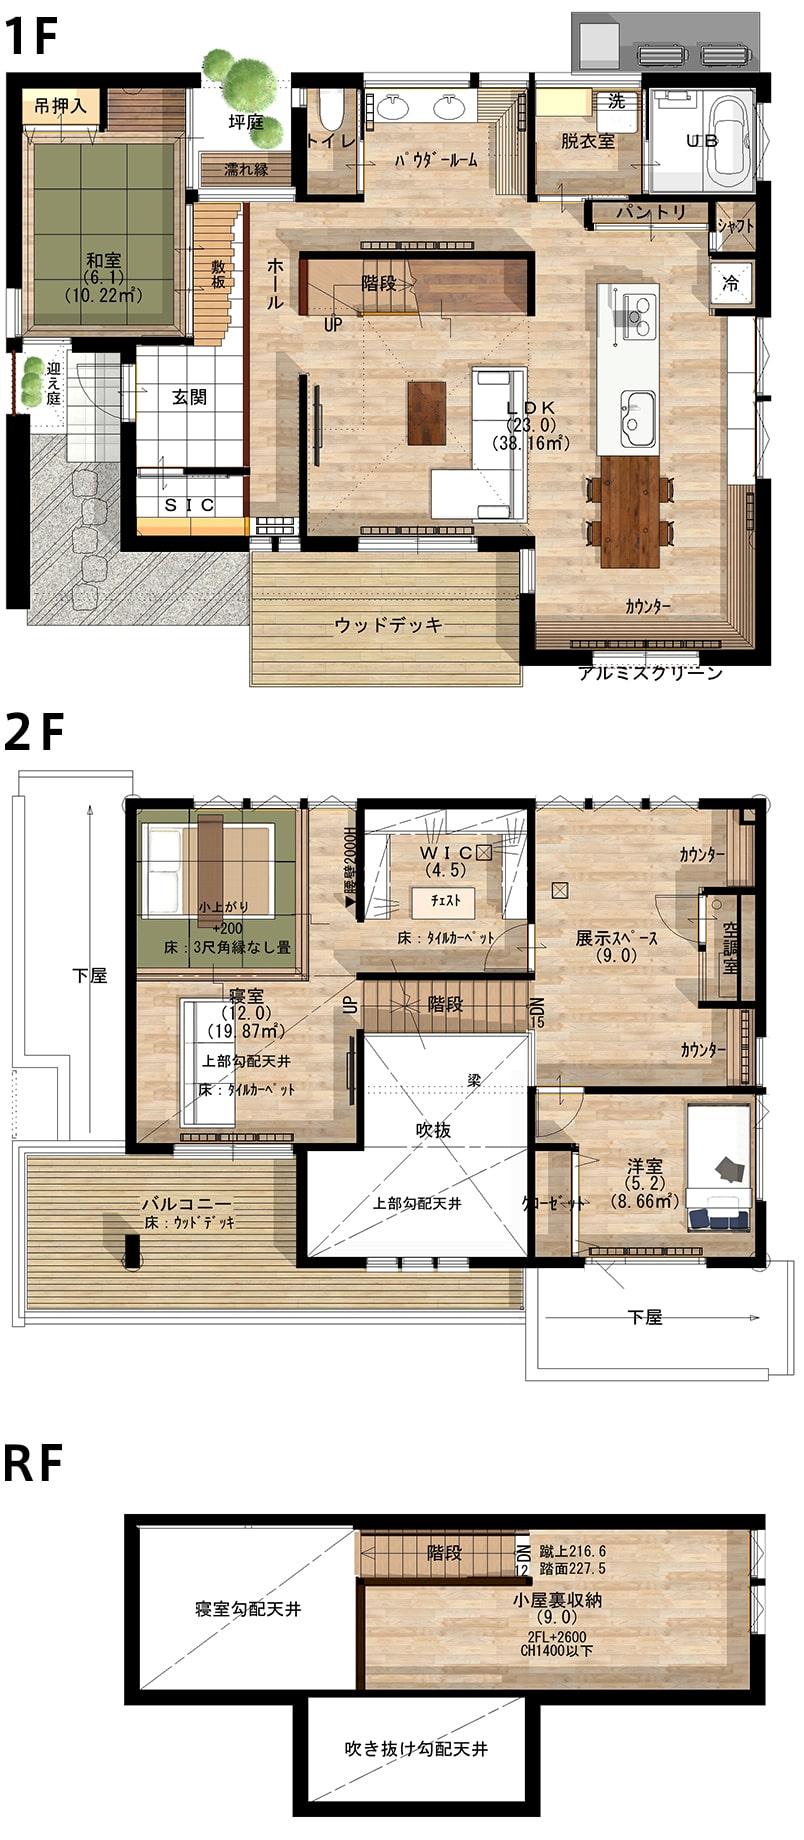 ハウス モデル